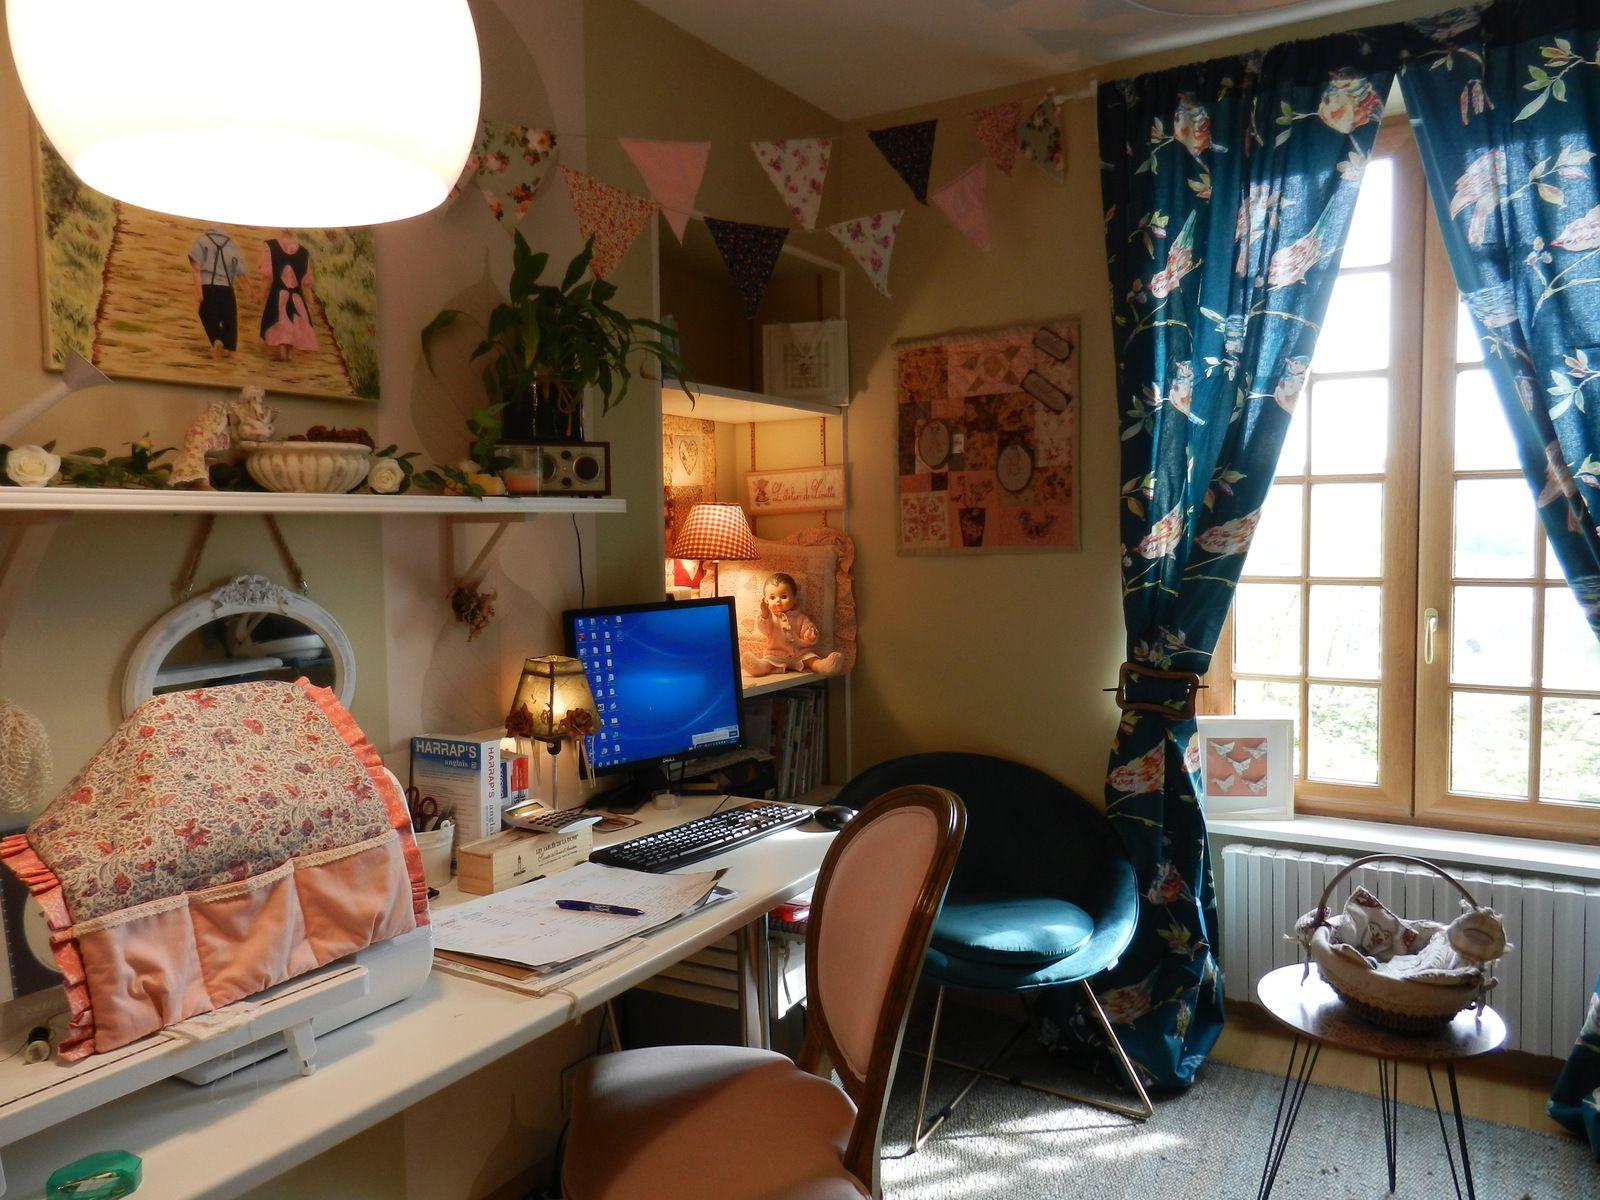 Les Ateliers de Linette